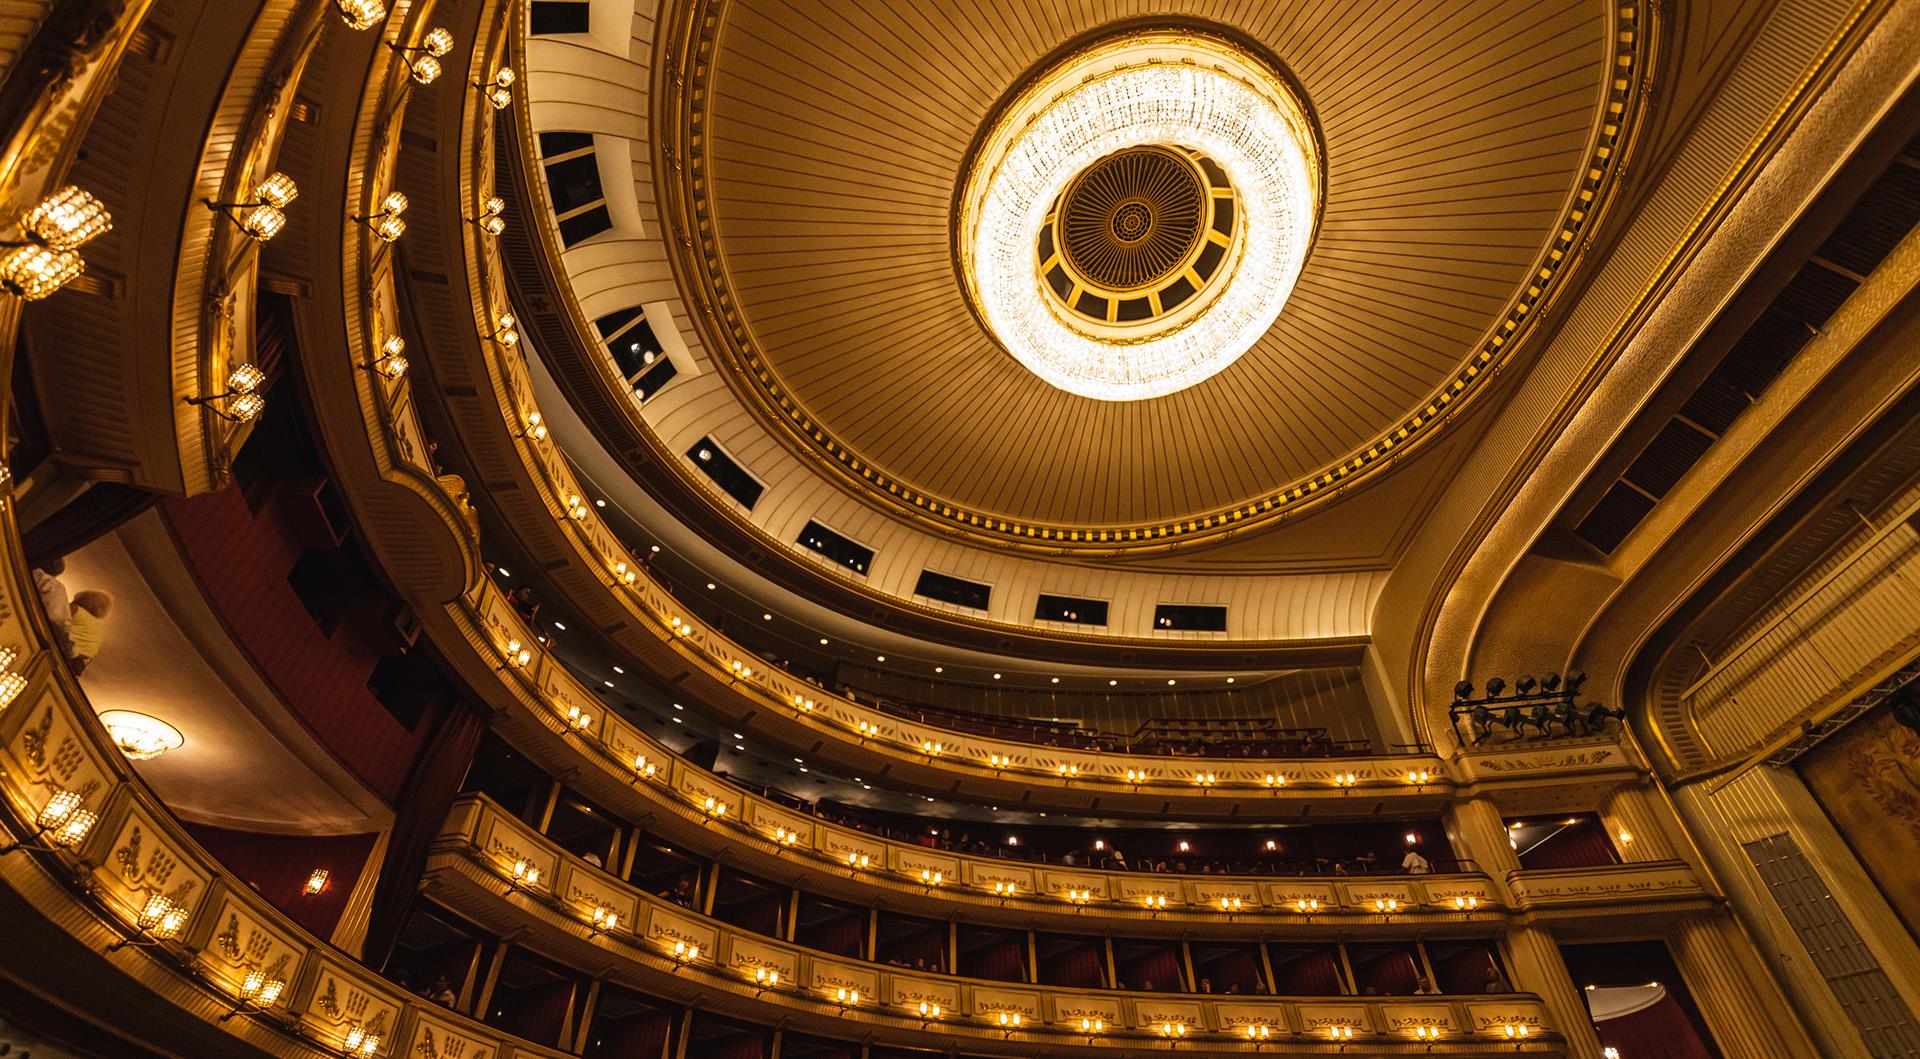 维也纳国家歌剧院的小屋和天花板照明